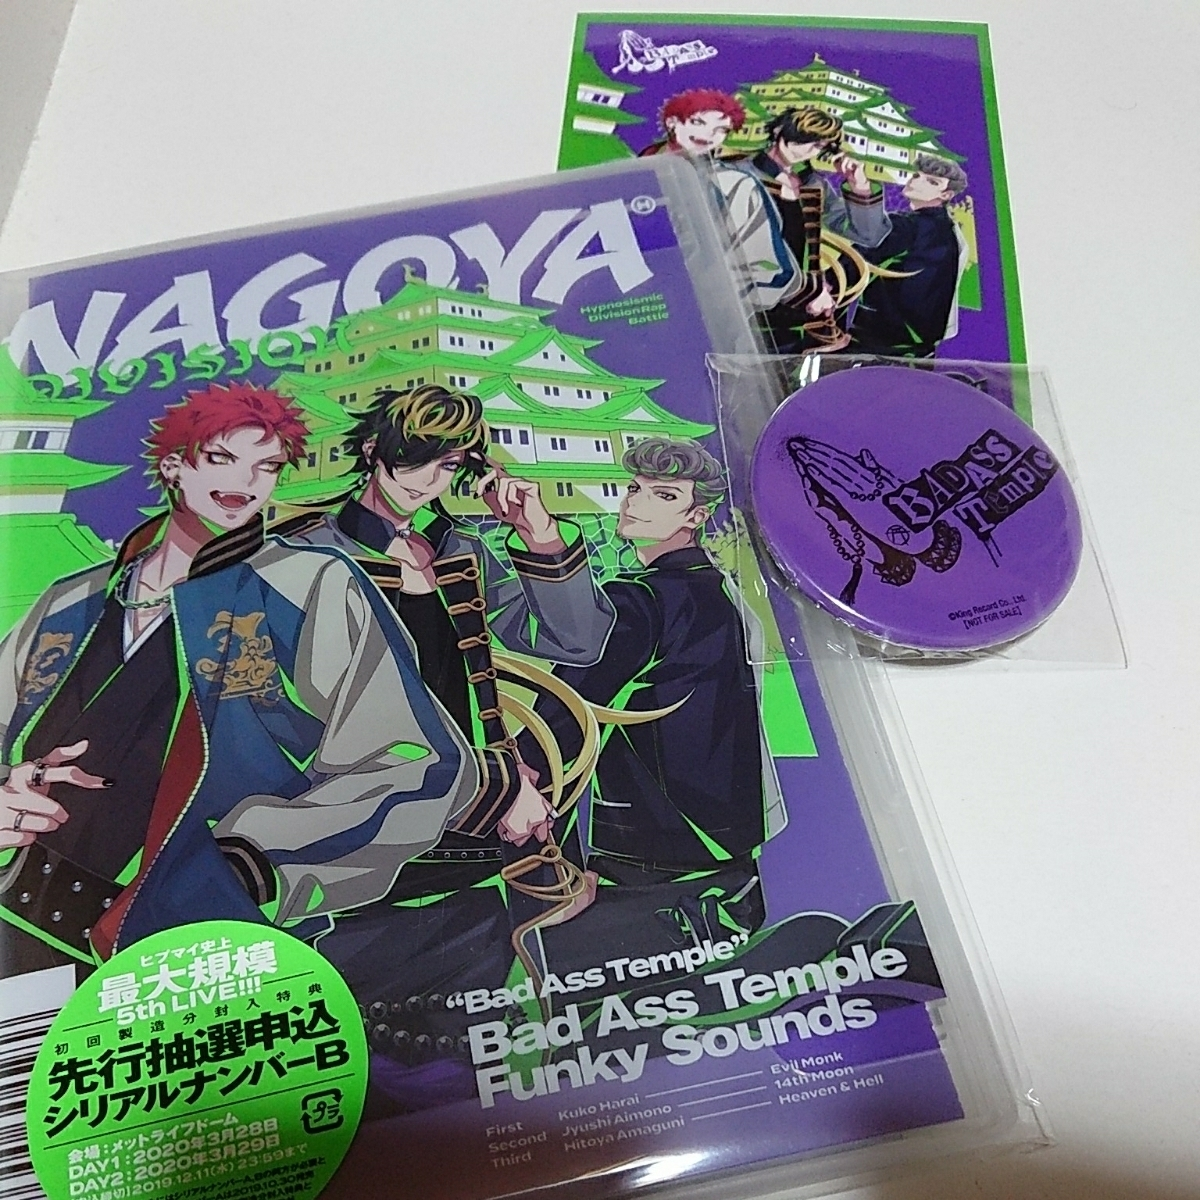 名古屋 ディビジョン cd